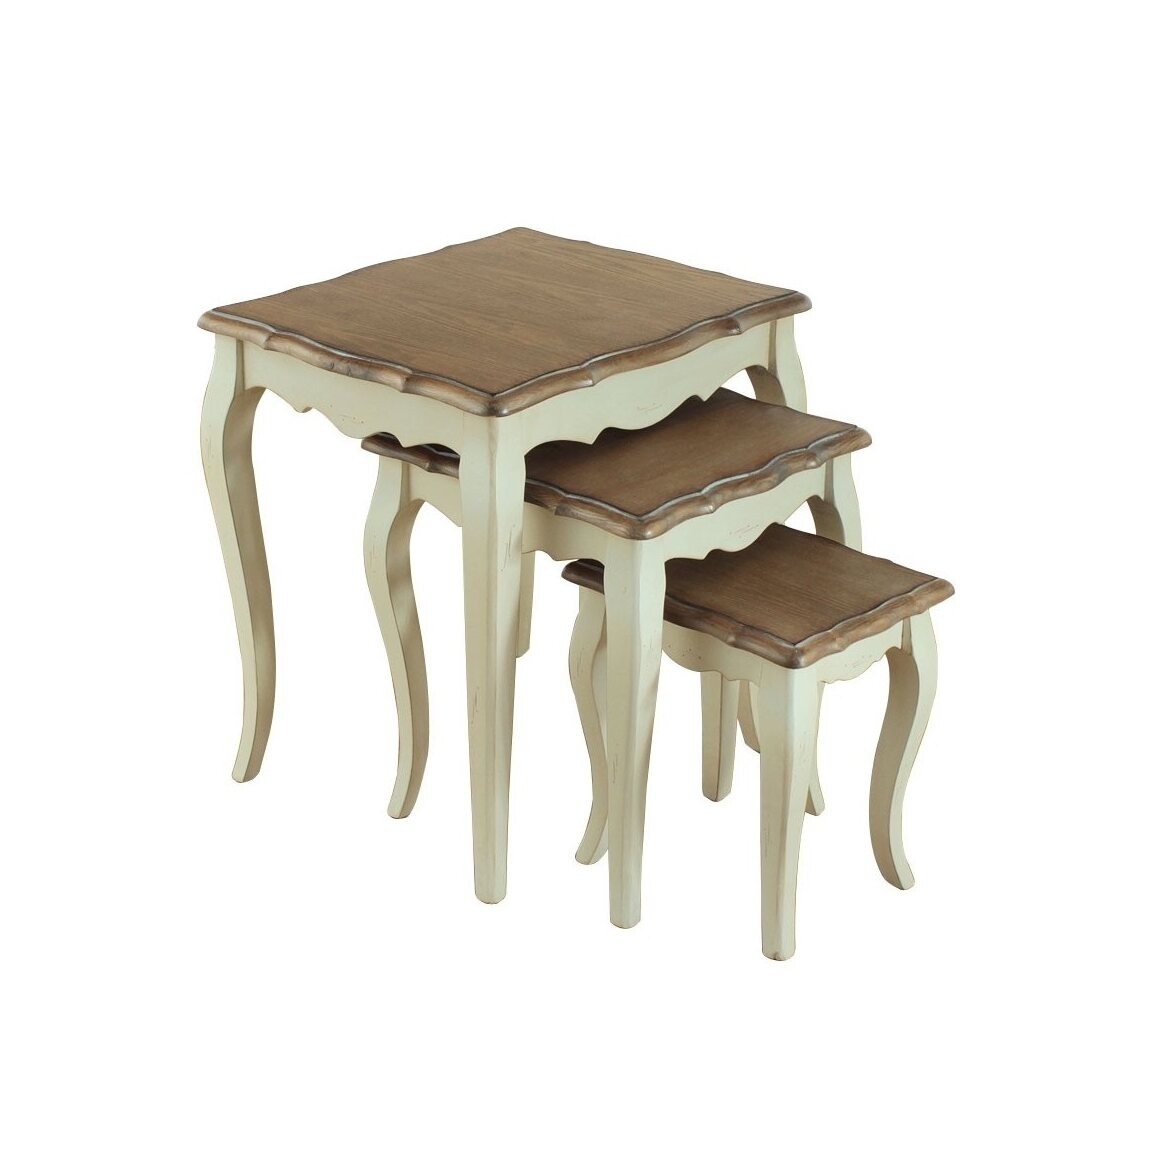 Консольные столики (комплект) Leontina, бежевого цвета | Консоли Kingsby